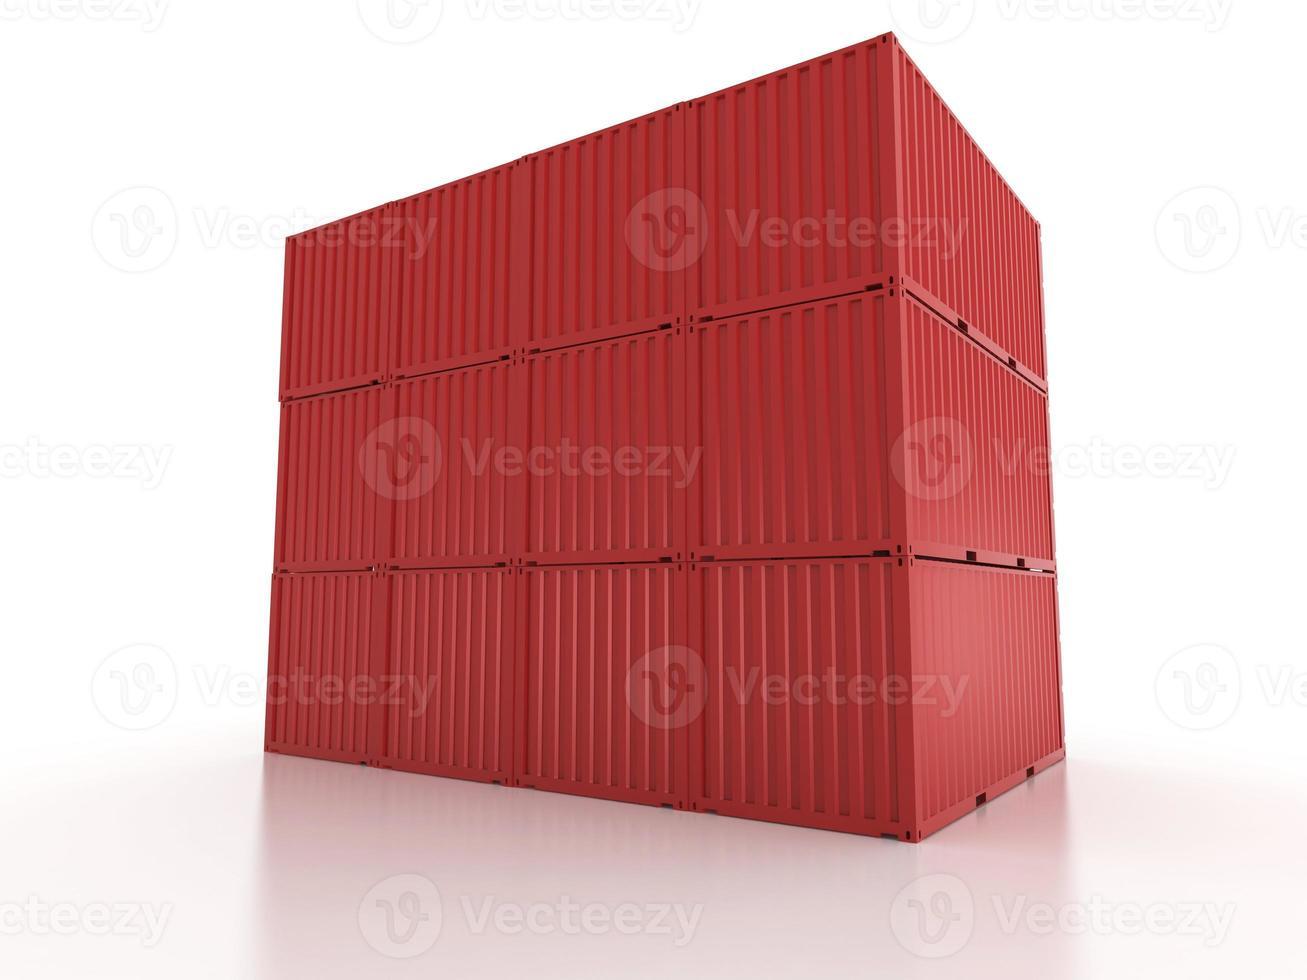 Mur de conteneurs d'expédition de fret en métal rouge sur fond blanc photo